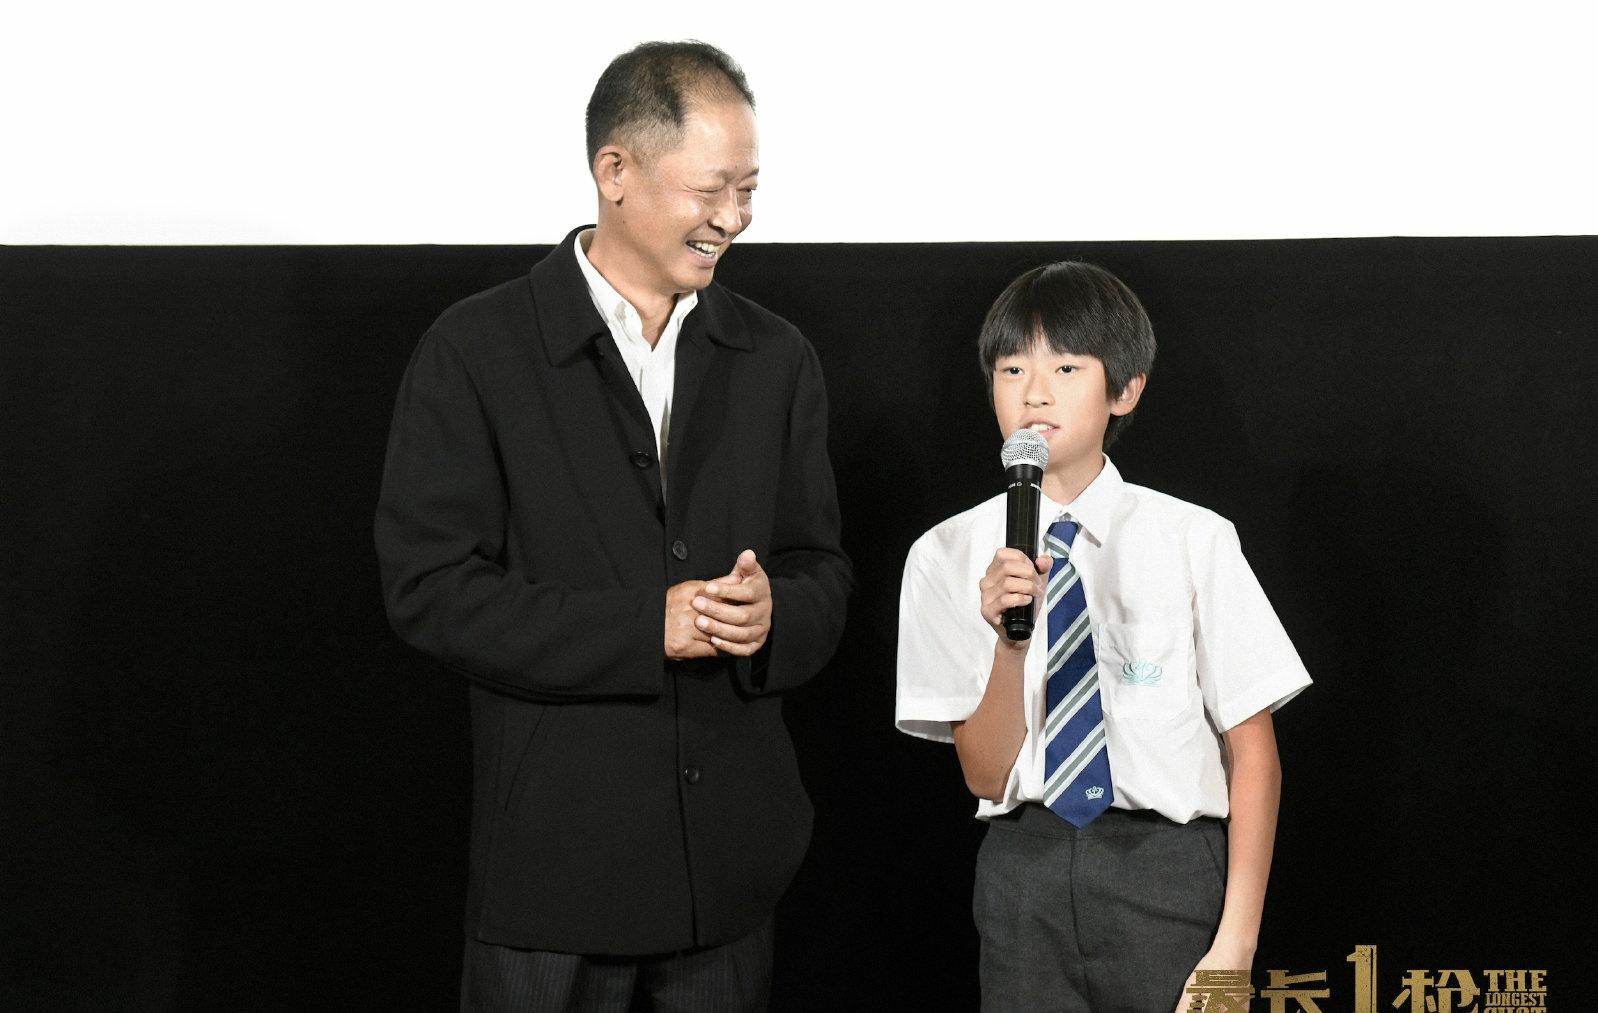 口碑老戏骨王志文,现场亲身指导儿子演戏,父子同框首映赚足期待